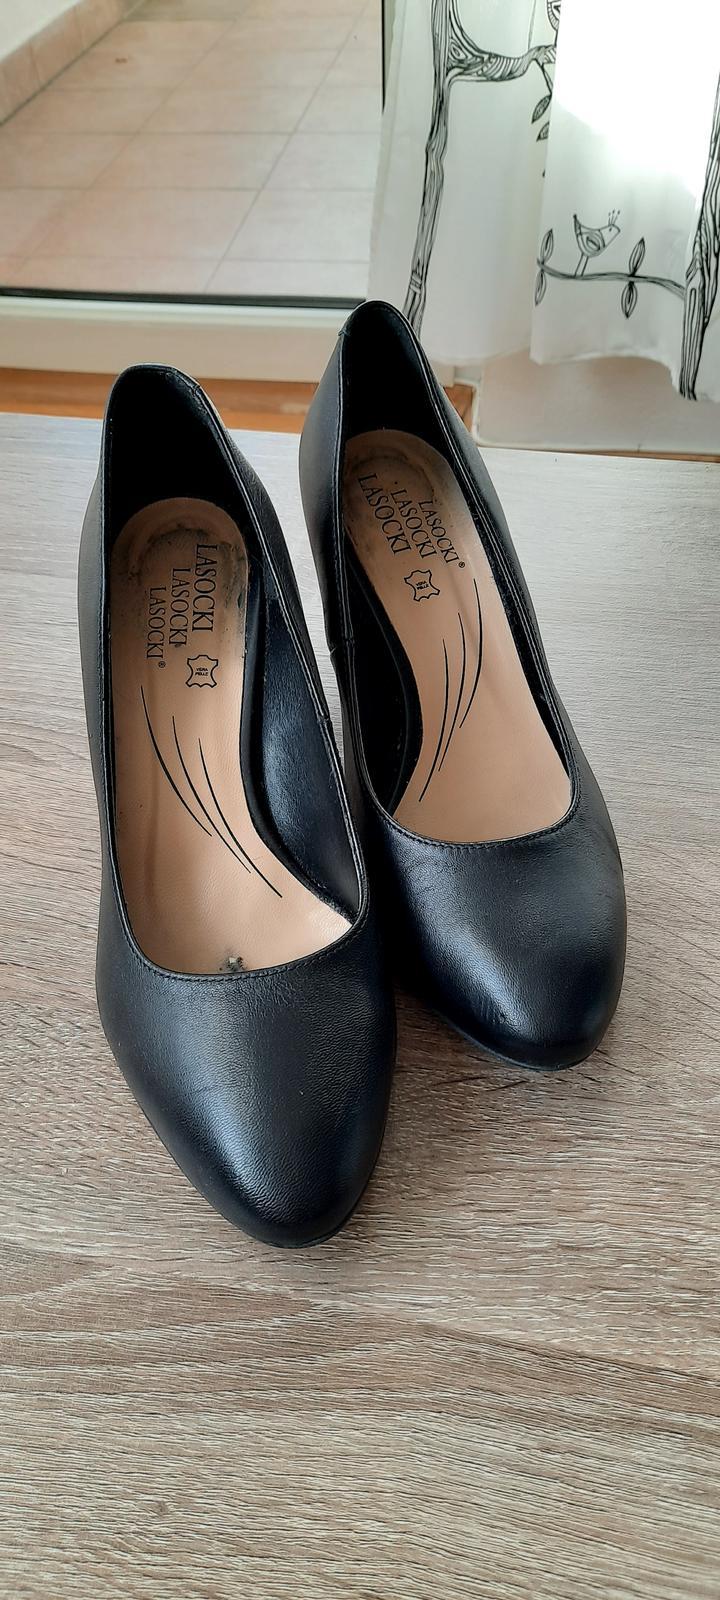 Dámské boty na podpatku - Obrázek č. 3